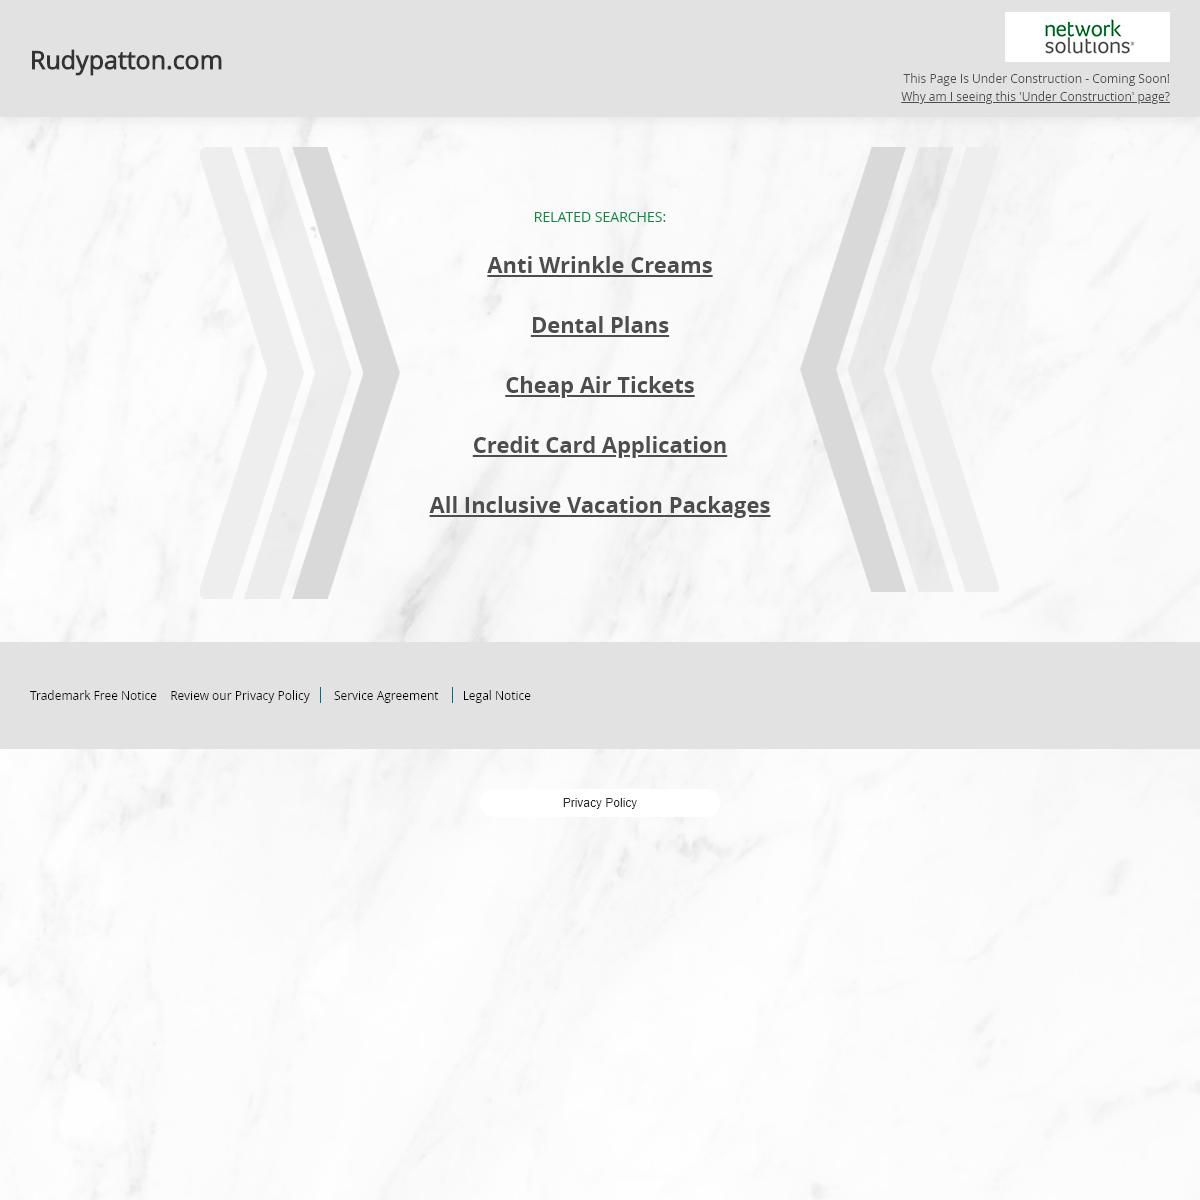 Rudypatton.com